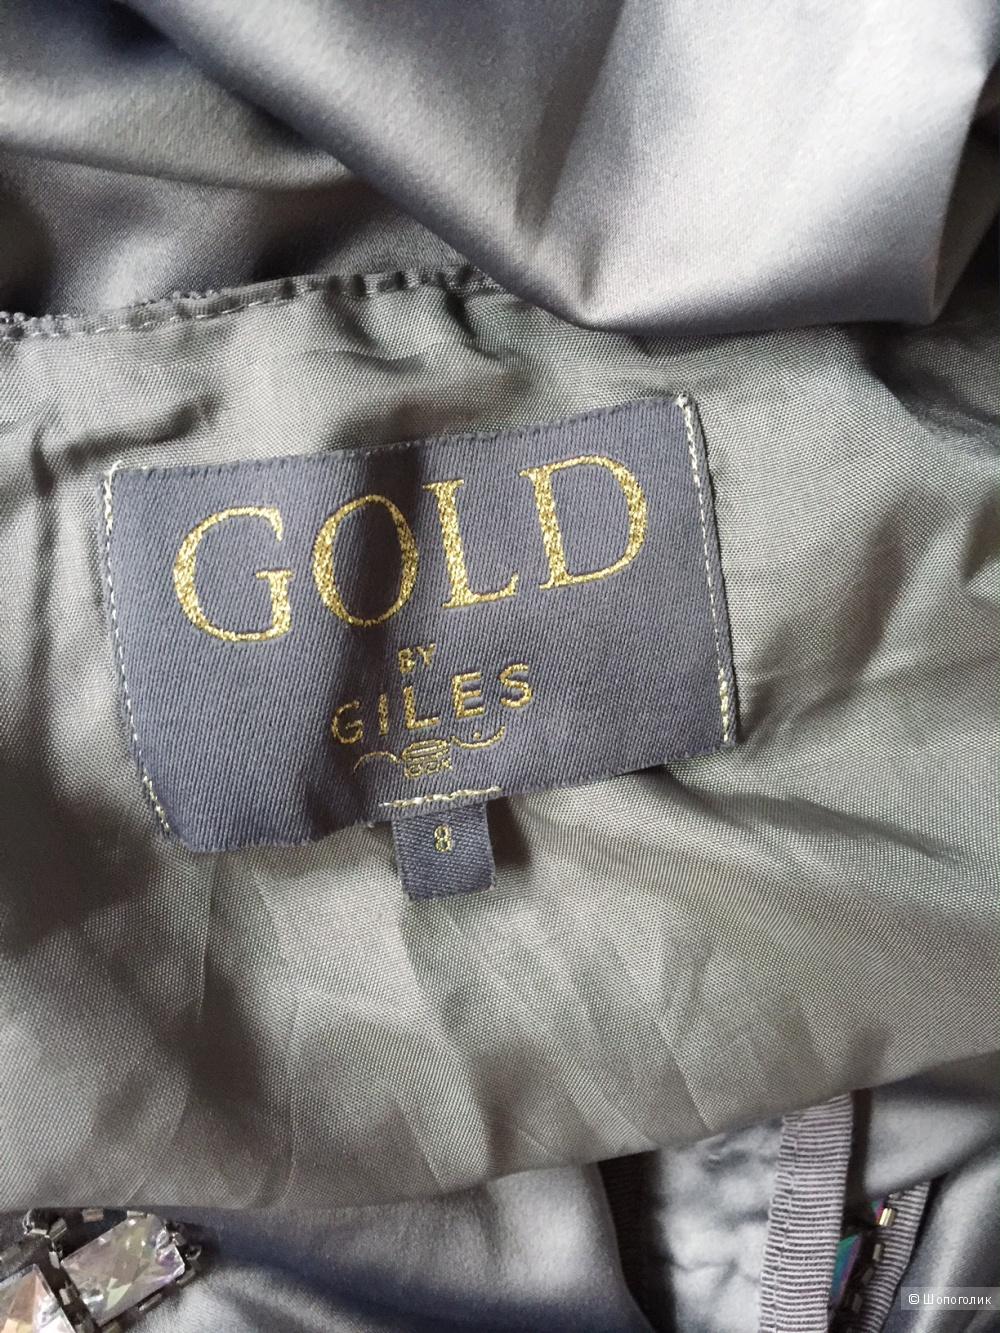 Коктельное платье со стразами стиль Гэтсби марки Gold by Giles 42-44